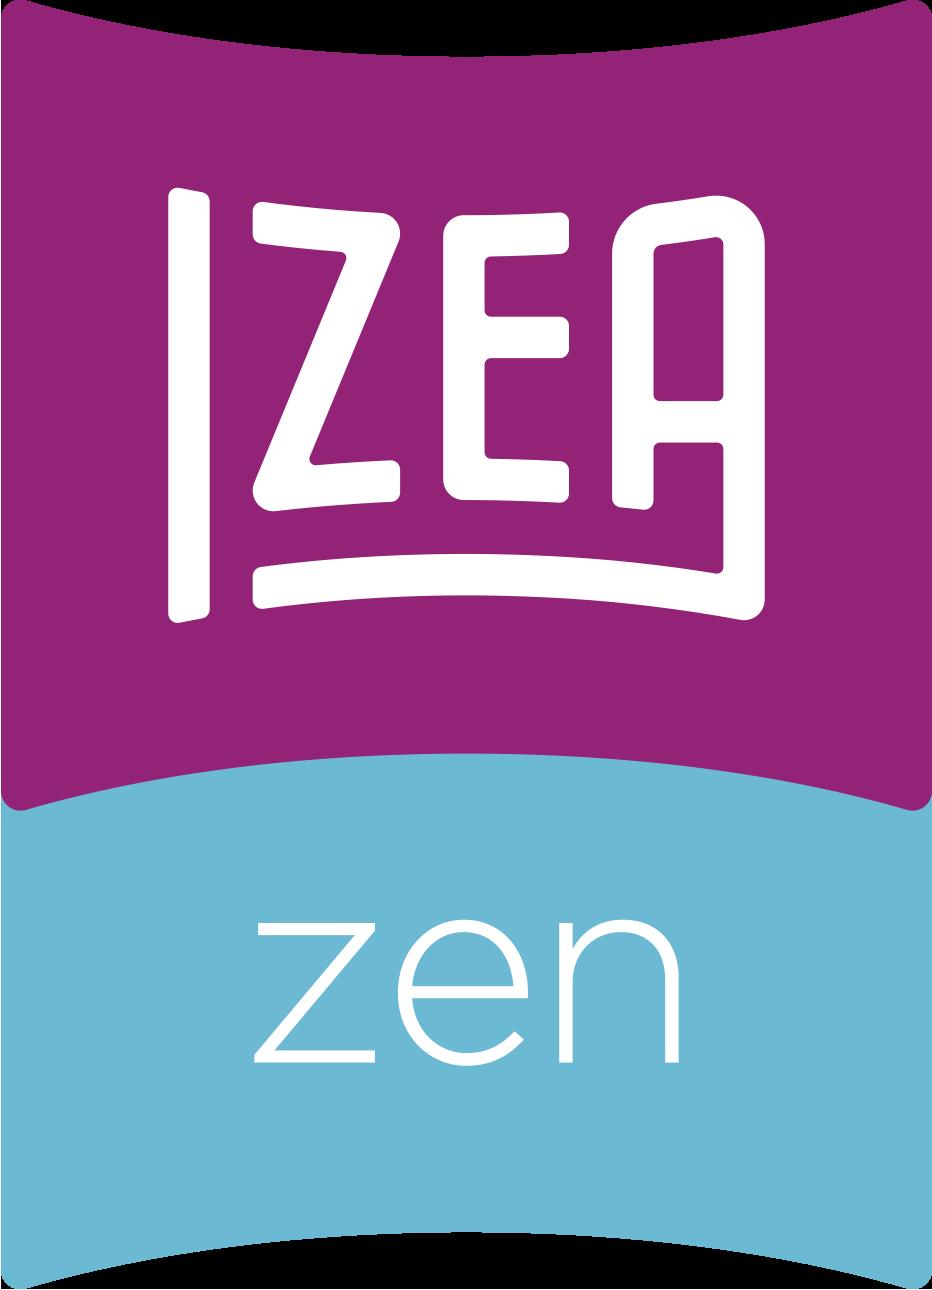 izea-zen-logo